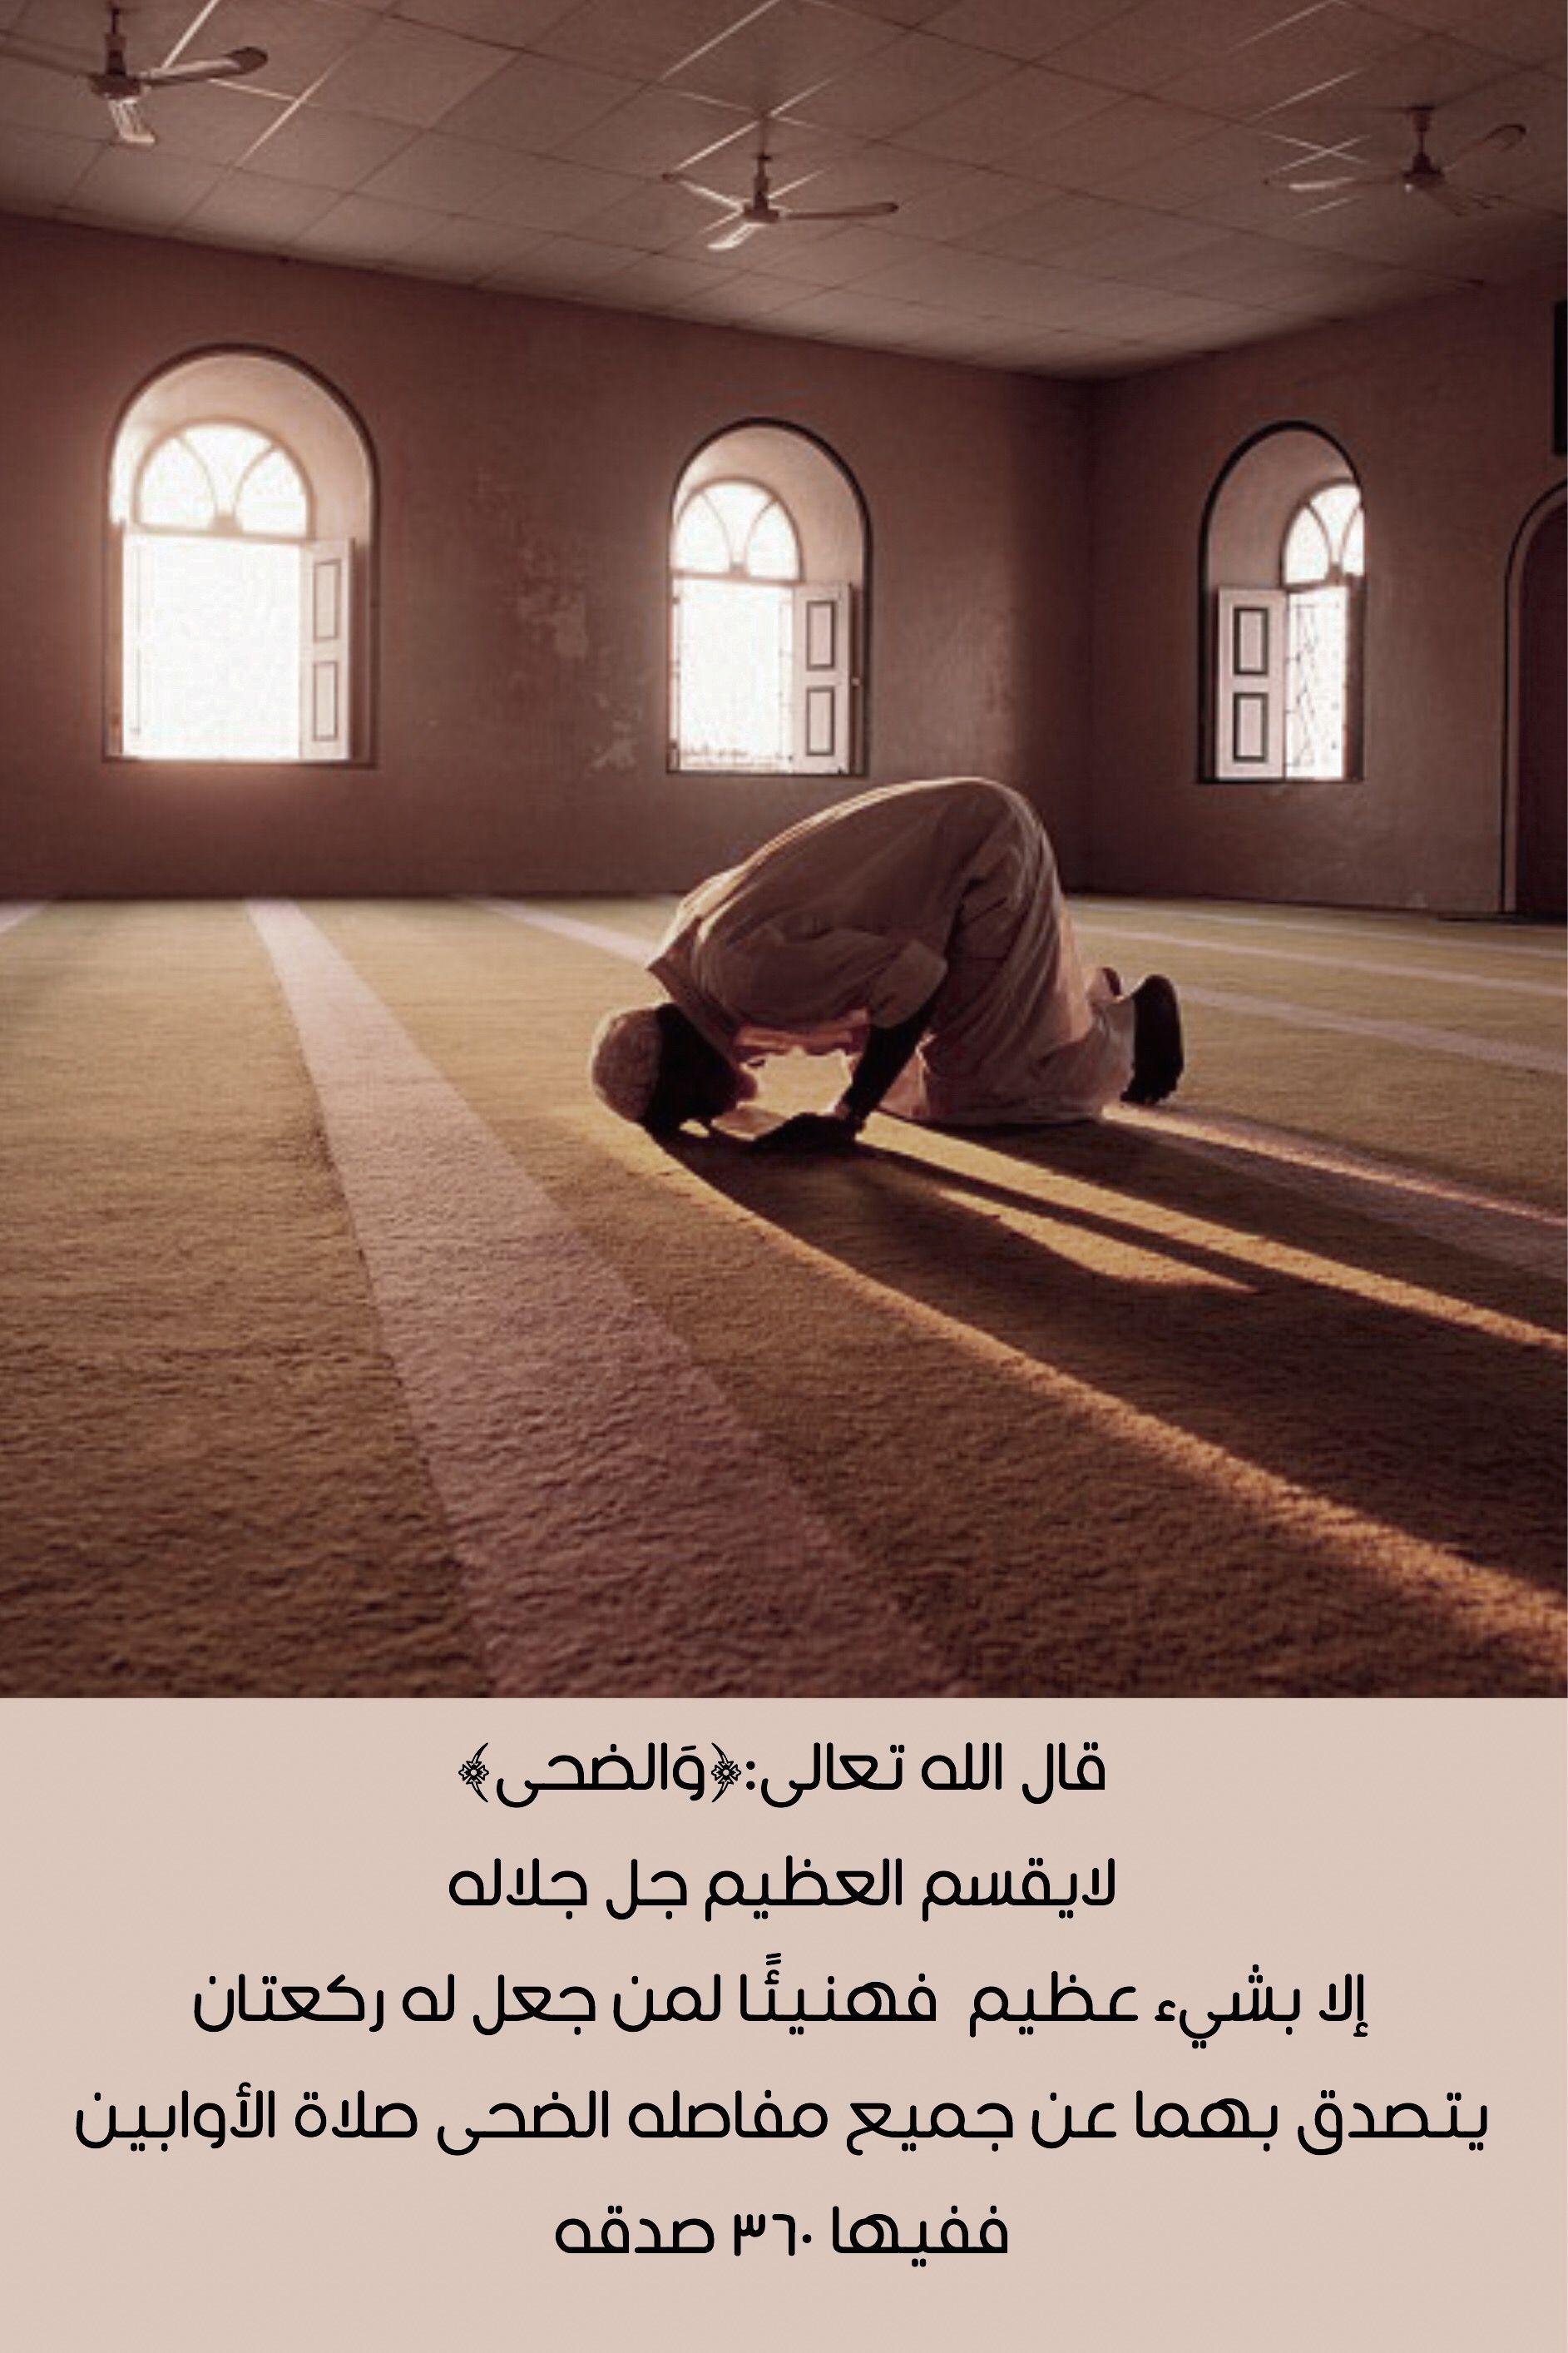 Pin By Shoaa On أدعية و أذكار Islam Quran Abc